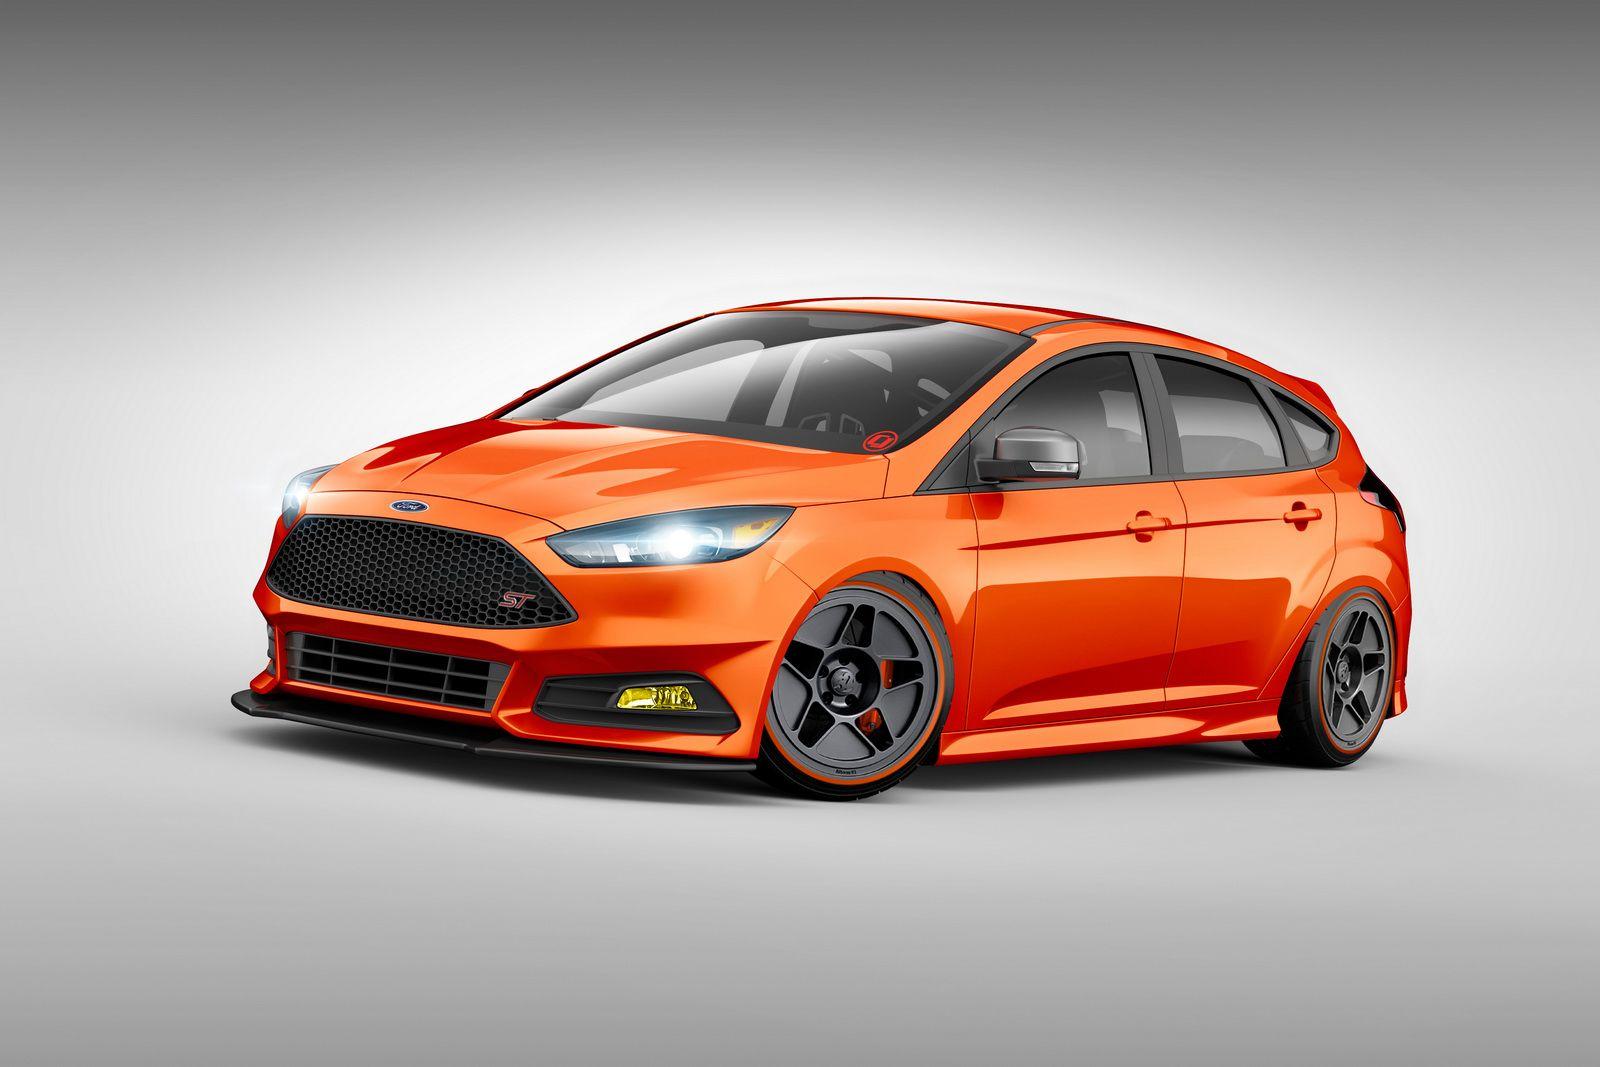 Rally Ford Focus ST премьера ноября 2015 Форд фокус